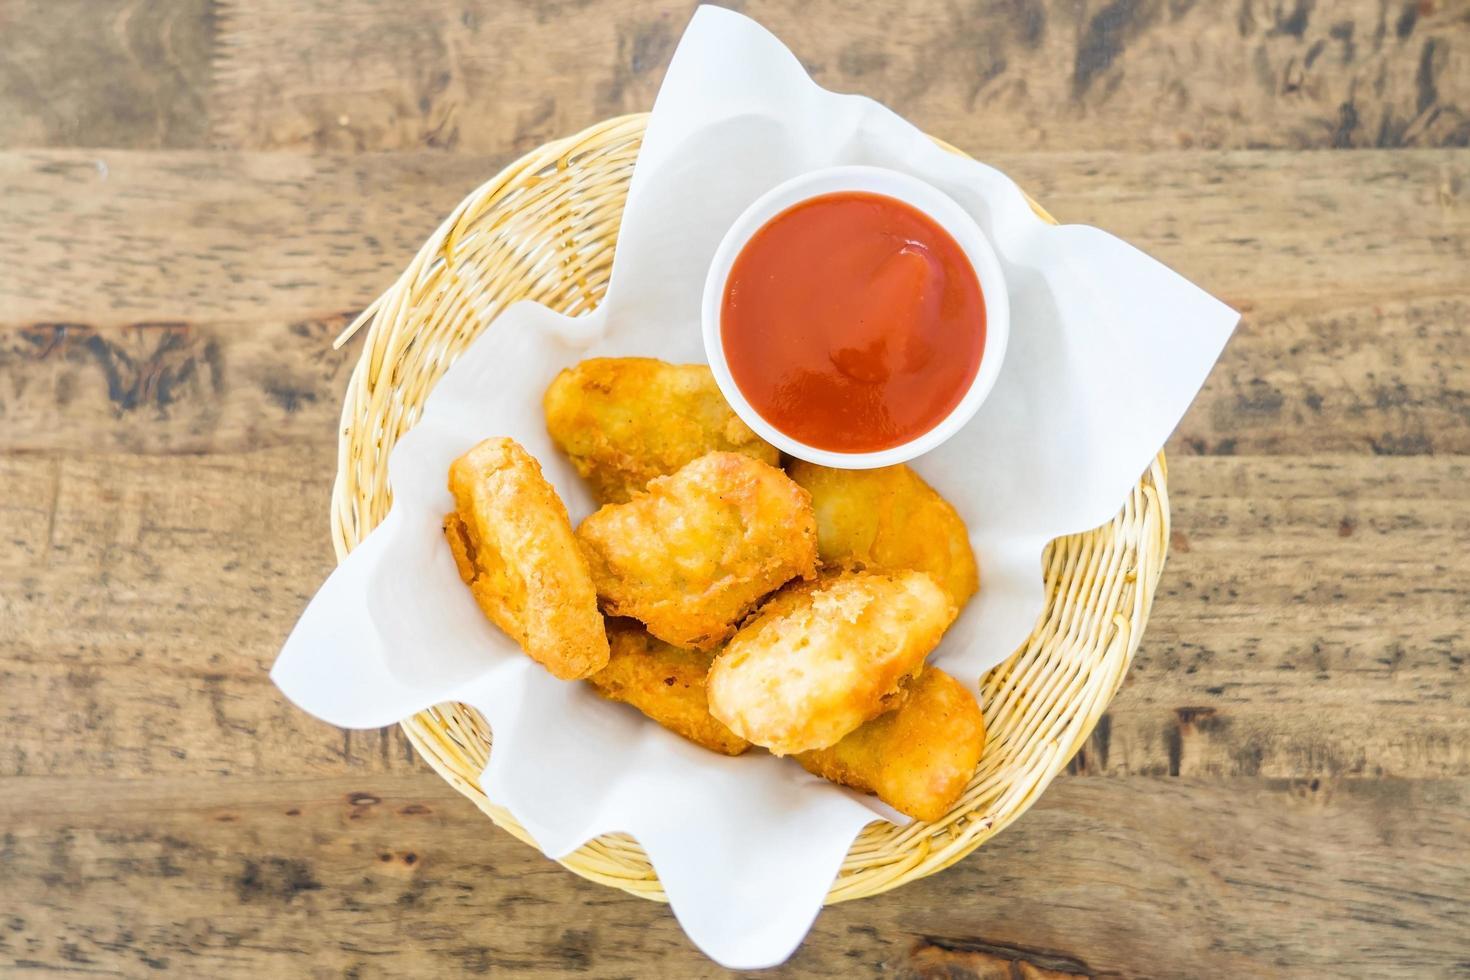 nuggets de poulet frits croustillants avec sauce tomate photo